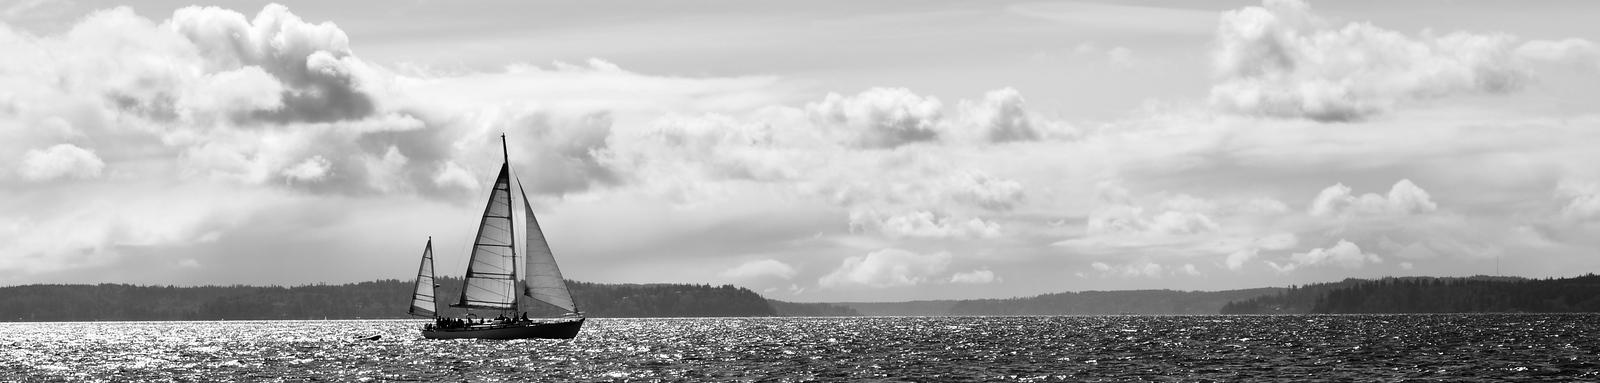 Elliot Bay, Puget Sound